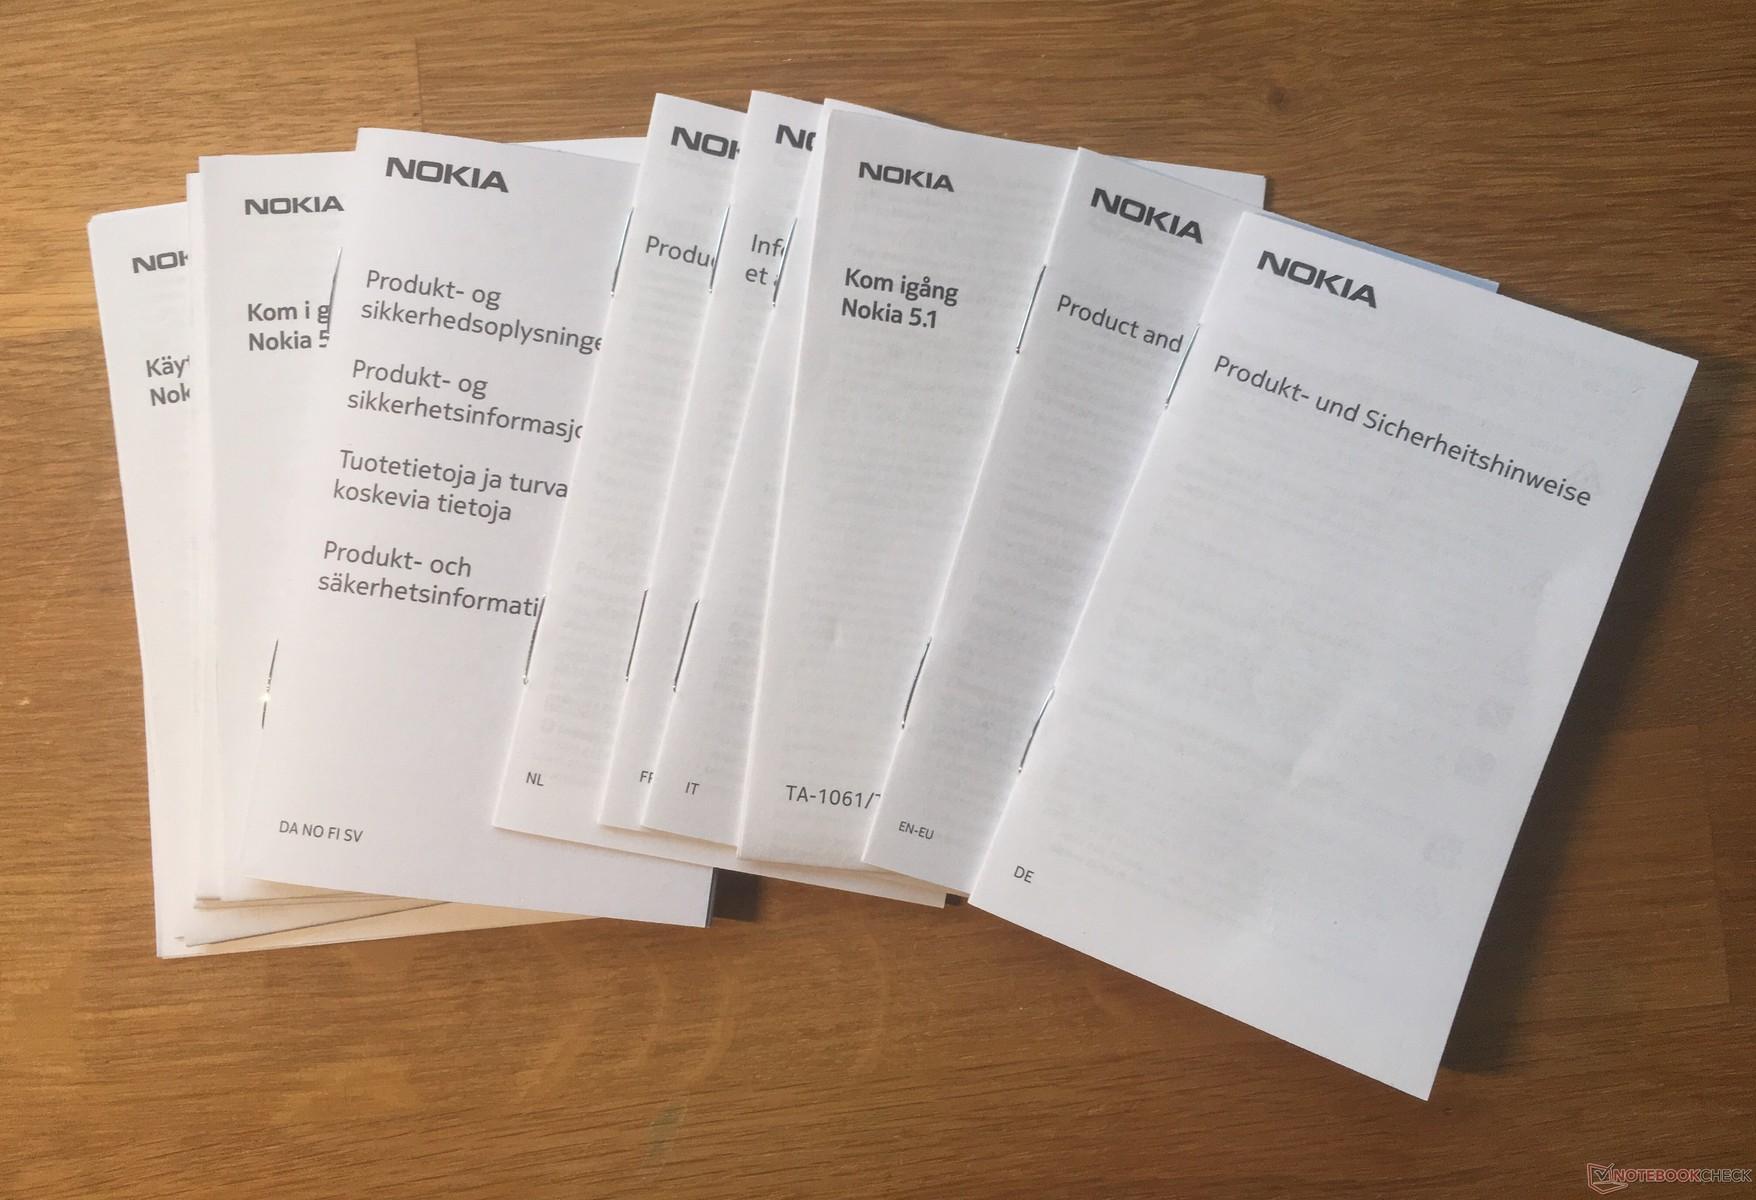 Nokia thesis work